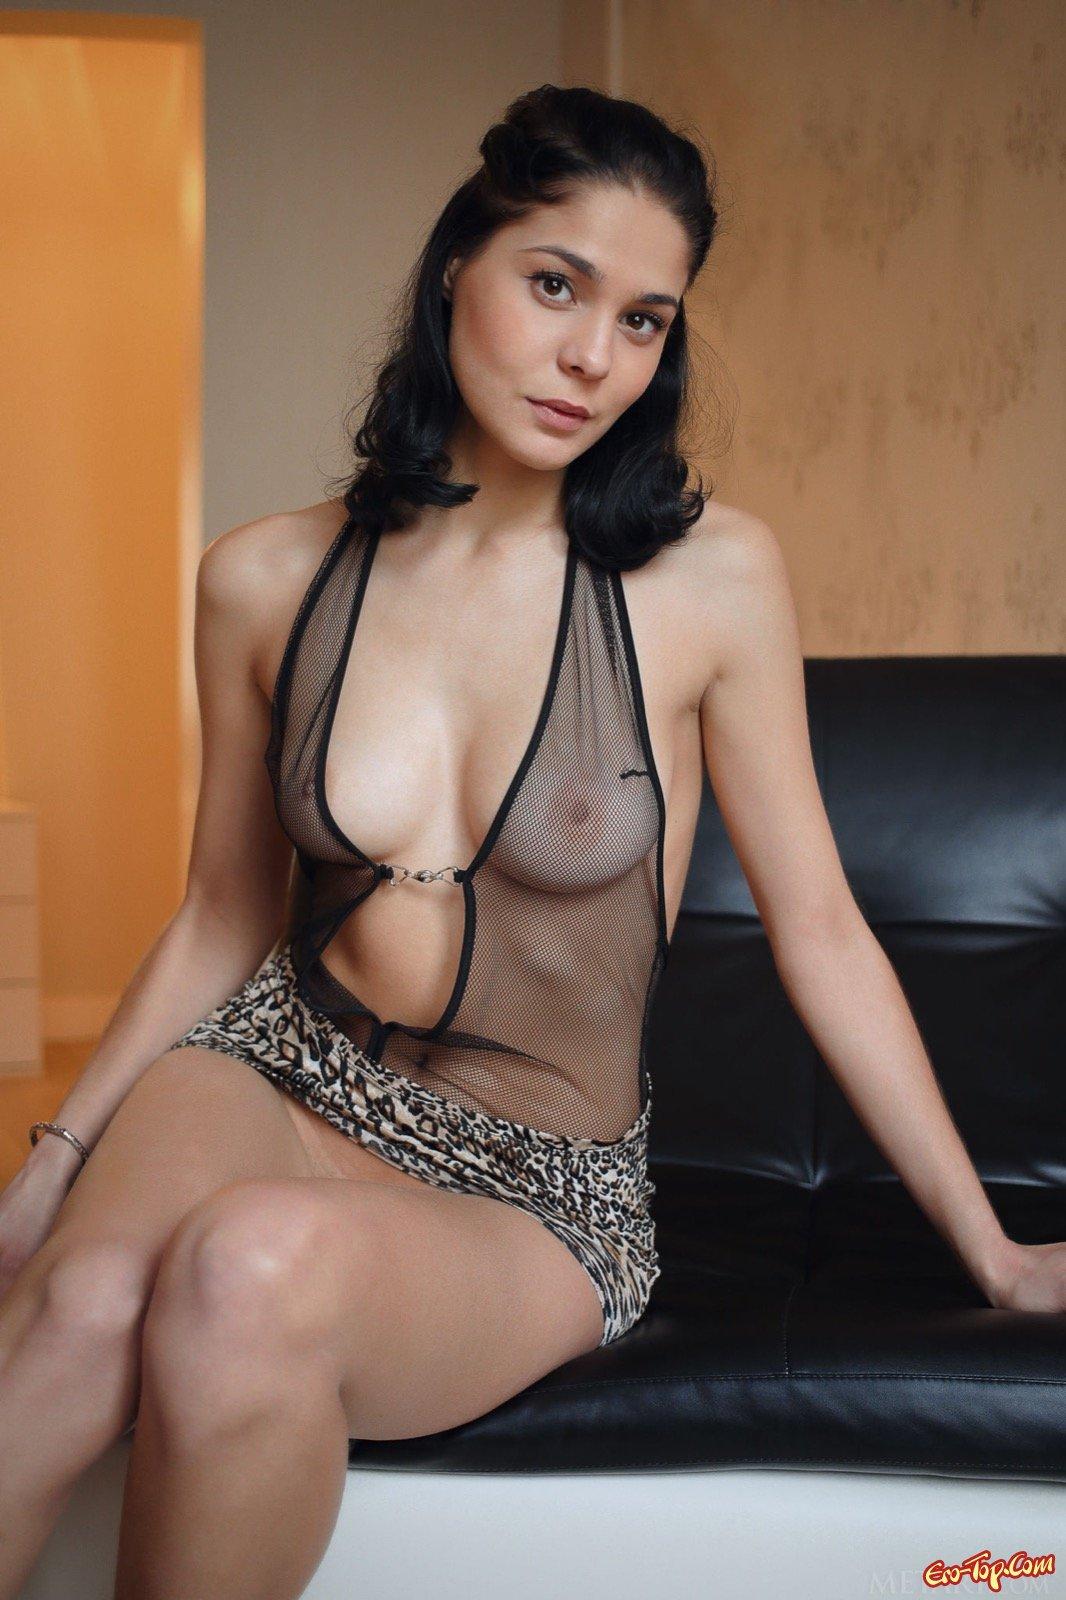 хорошенький секс картинки